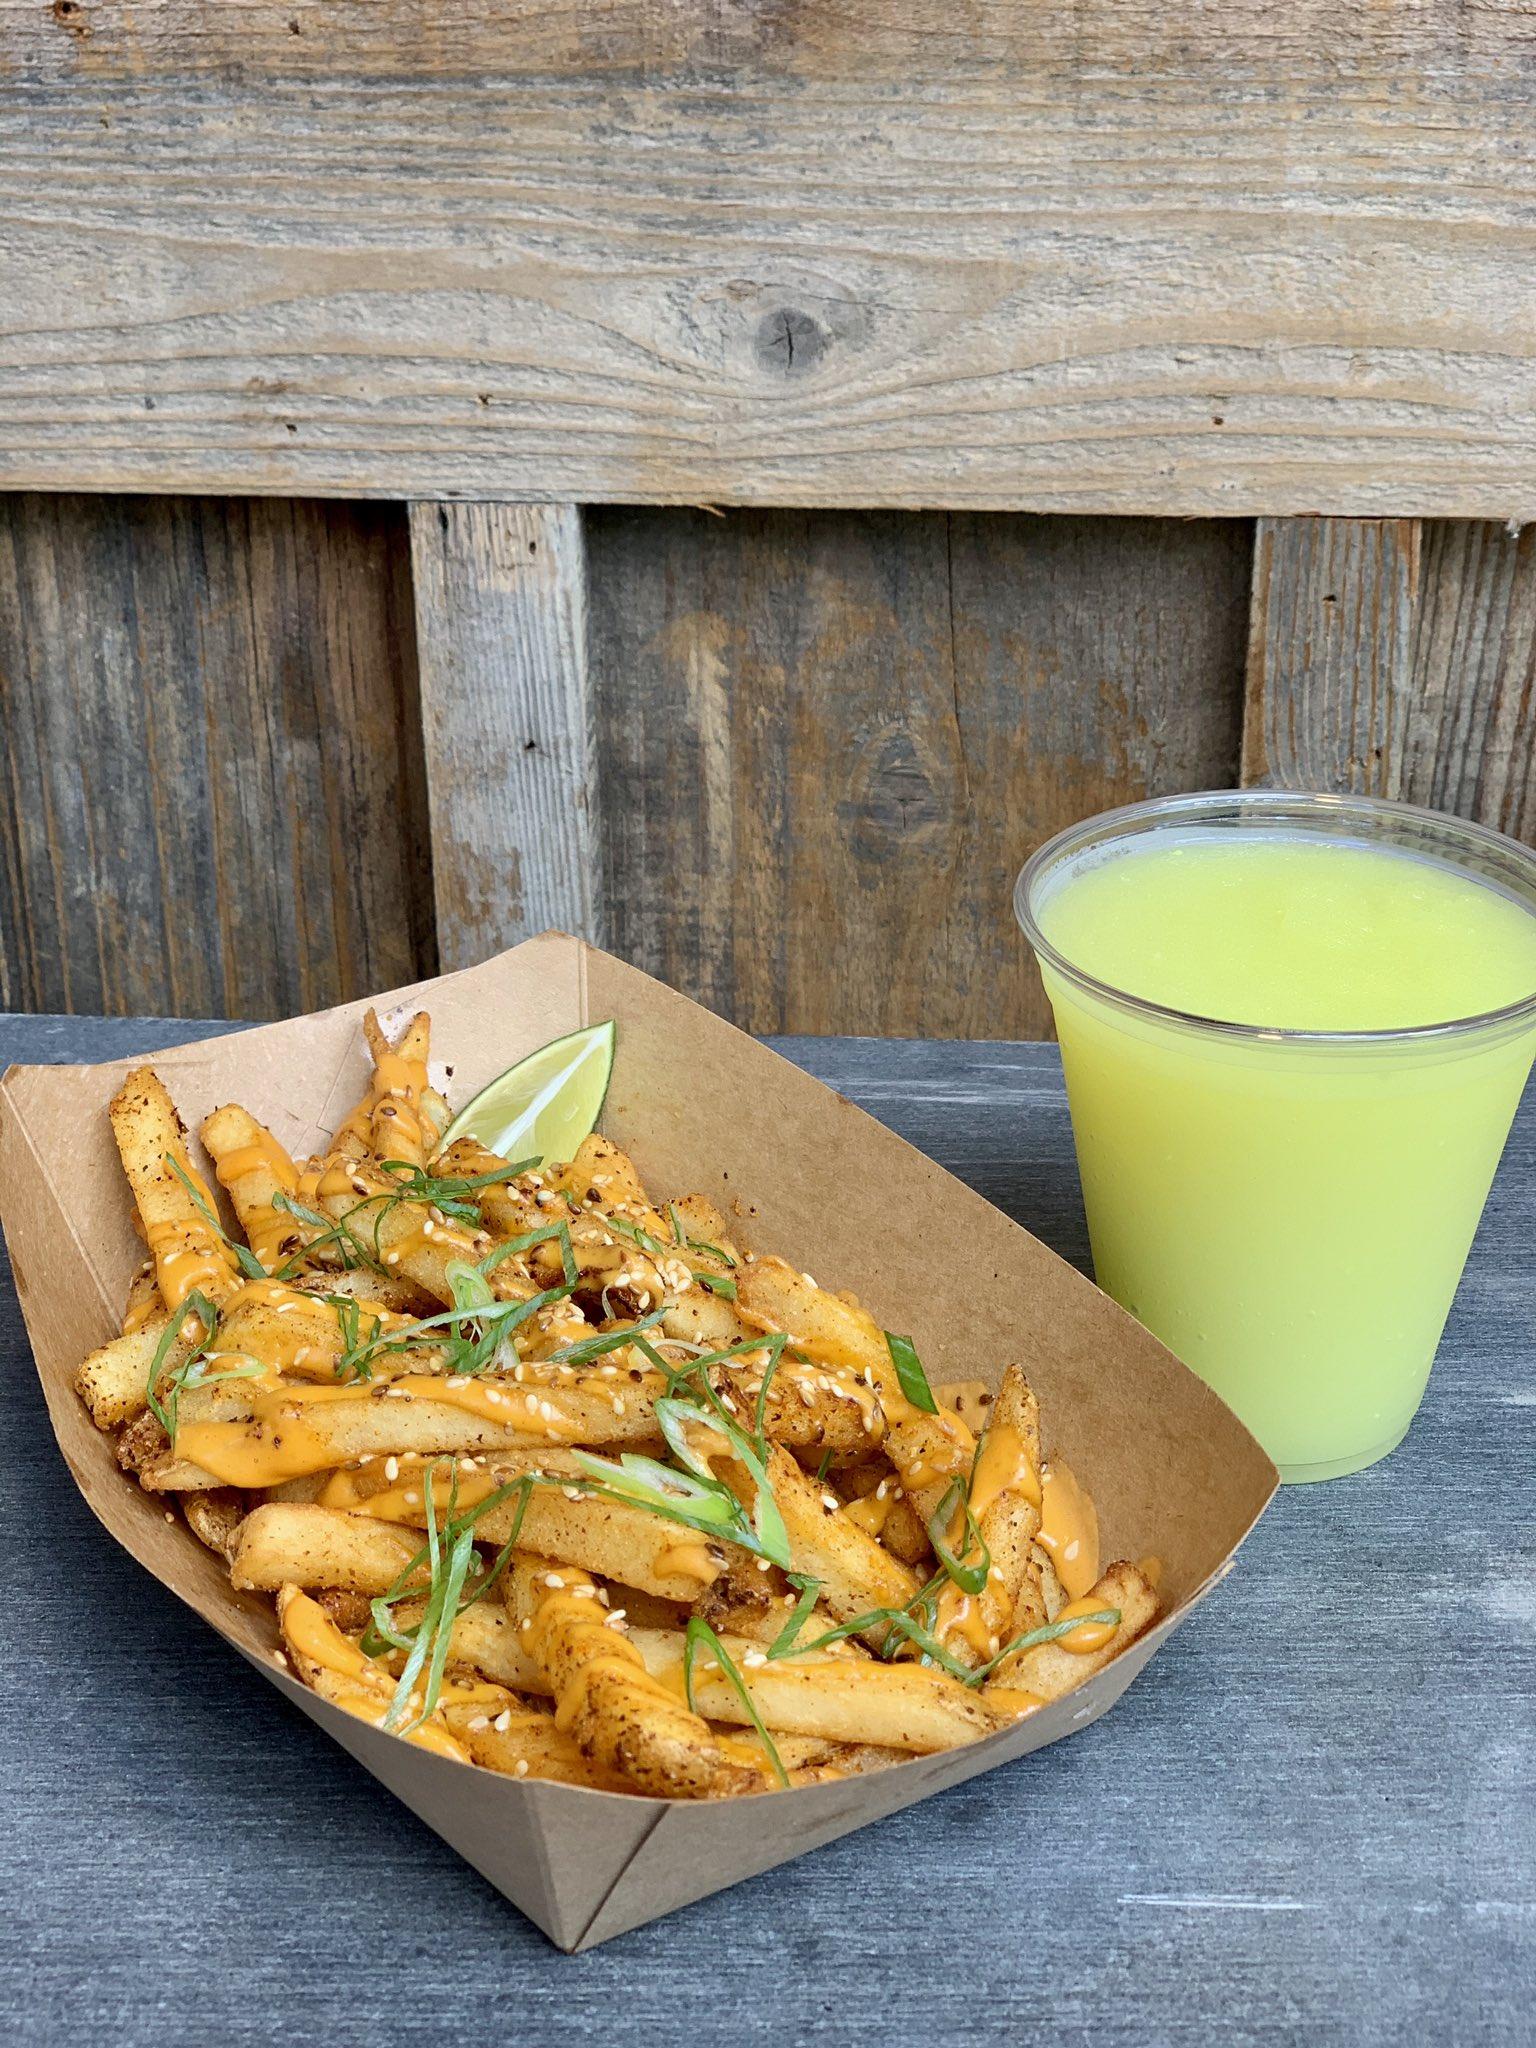 Togarashi Fries and Friezling made w/ Dole Whip® Lime